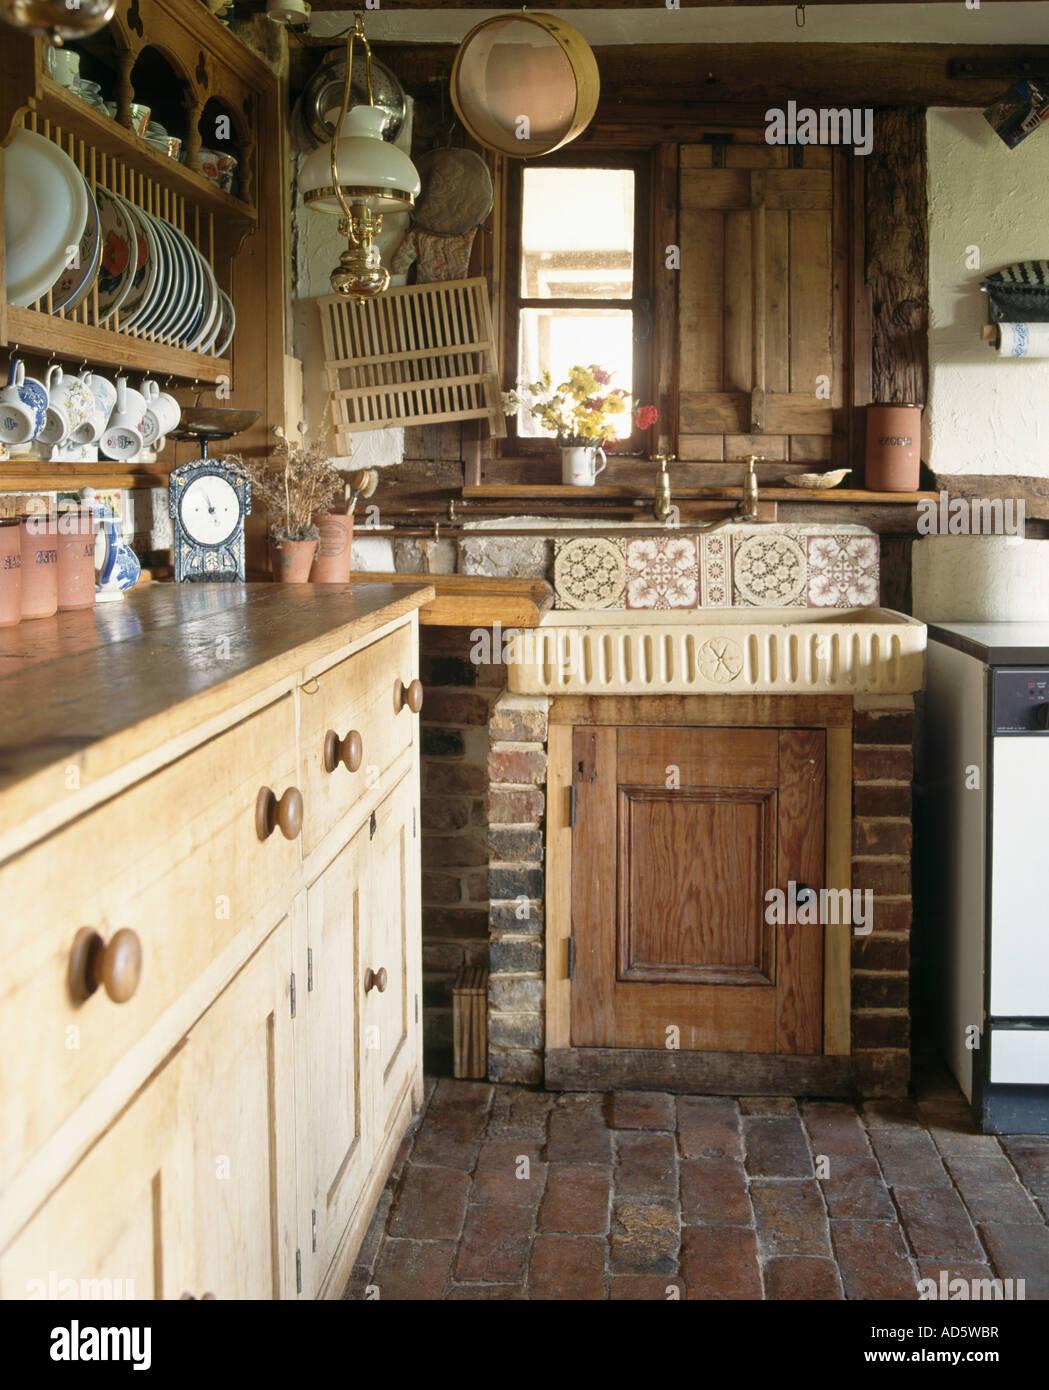 Keramik waschbecken und antike kiefer kommode in kleinen for Keramik waschbecken kuche